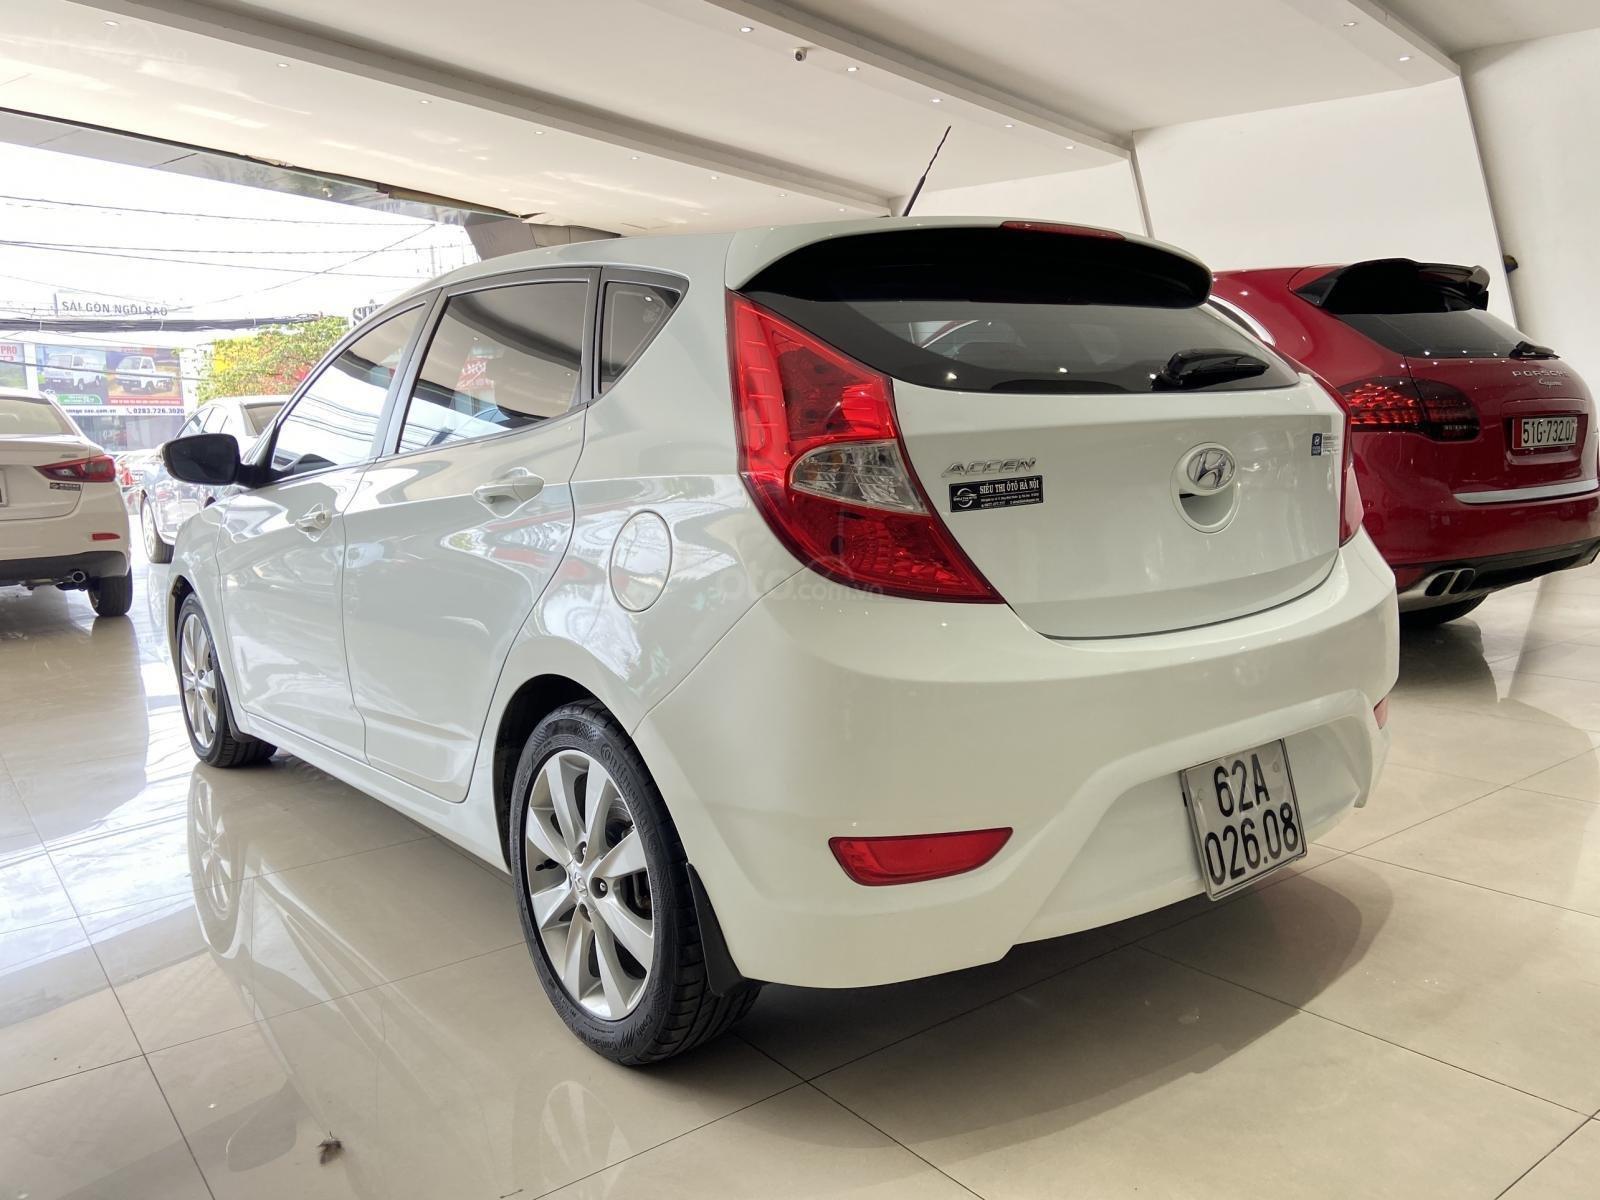 Bán xe Hyundai Accent màu trắng, xe gia đình nên đẹp như mới (6)